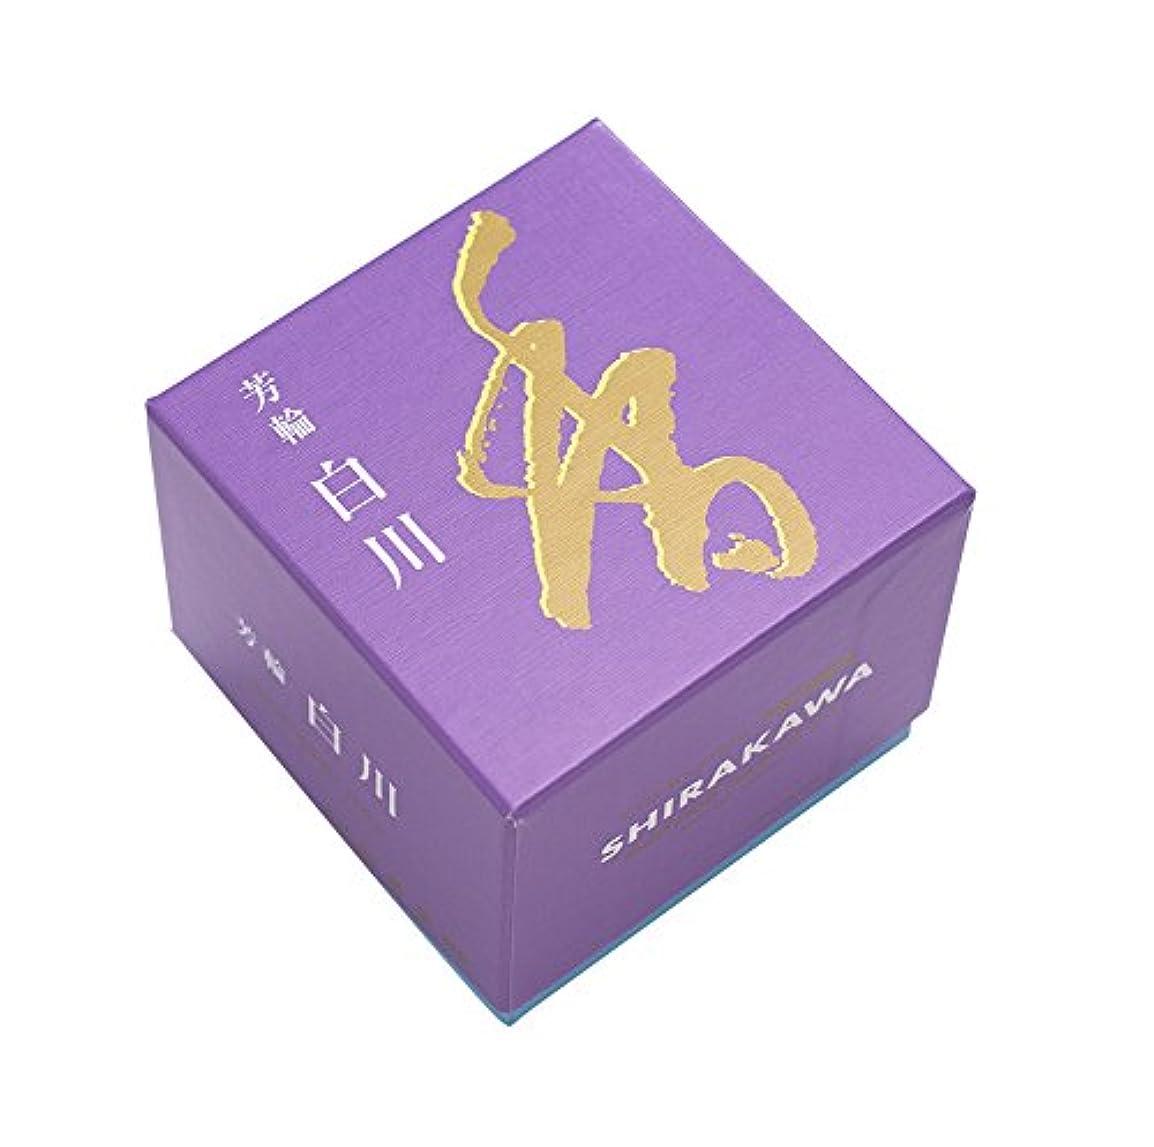 交響曲依存楽しい松栄堂のお香 芳輪白川 渦巻型10枚入 うてな角型付 #210621